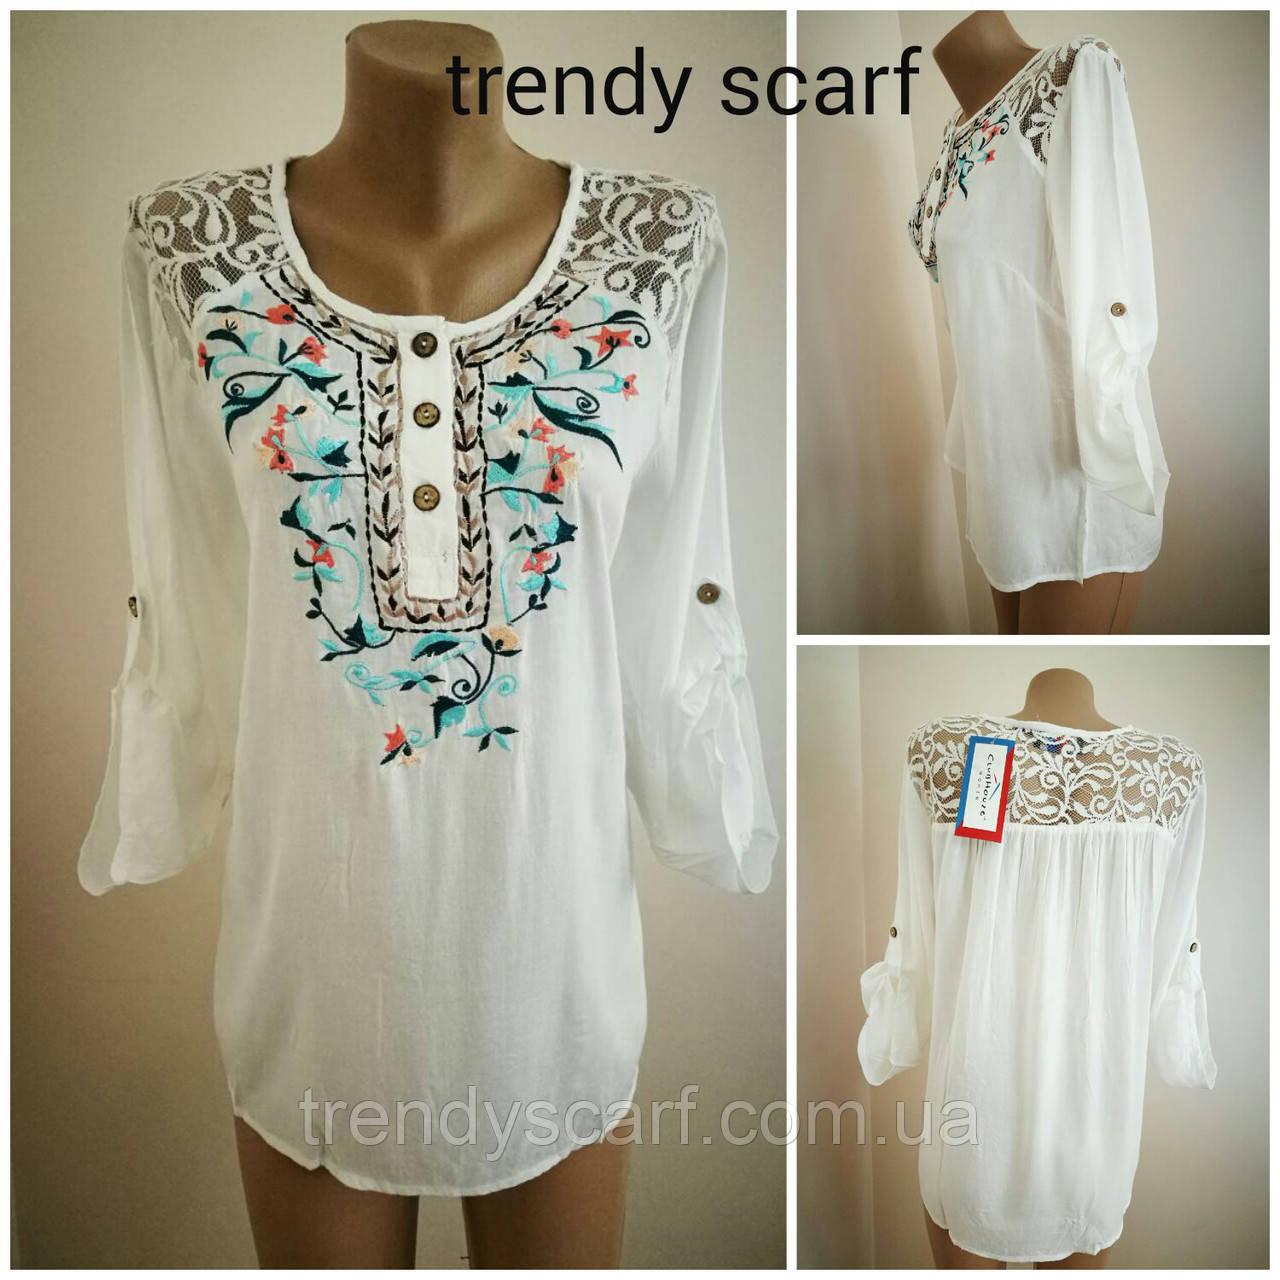 Женская летняя Блуза блузка рубашка удленненная белая с вышивкой и гипюром. Индия. Хлопок